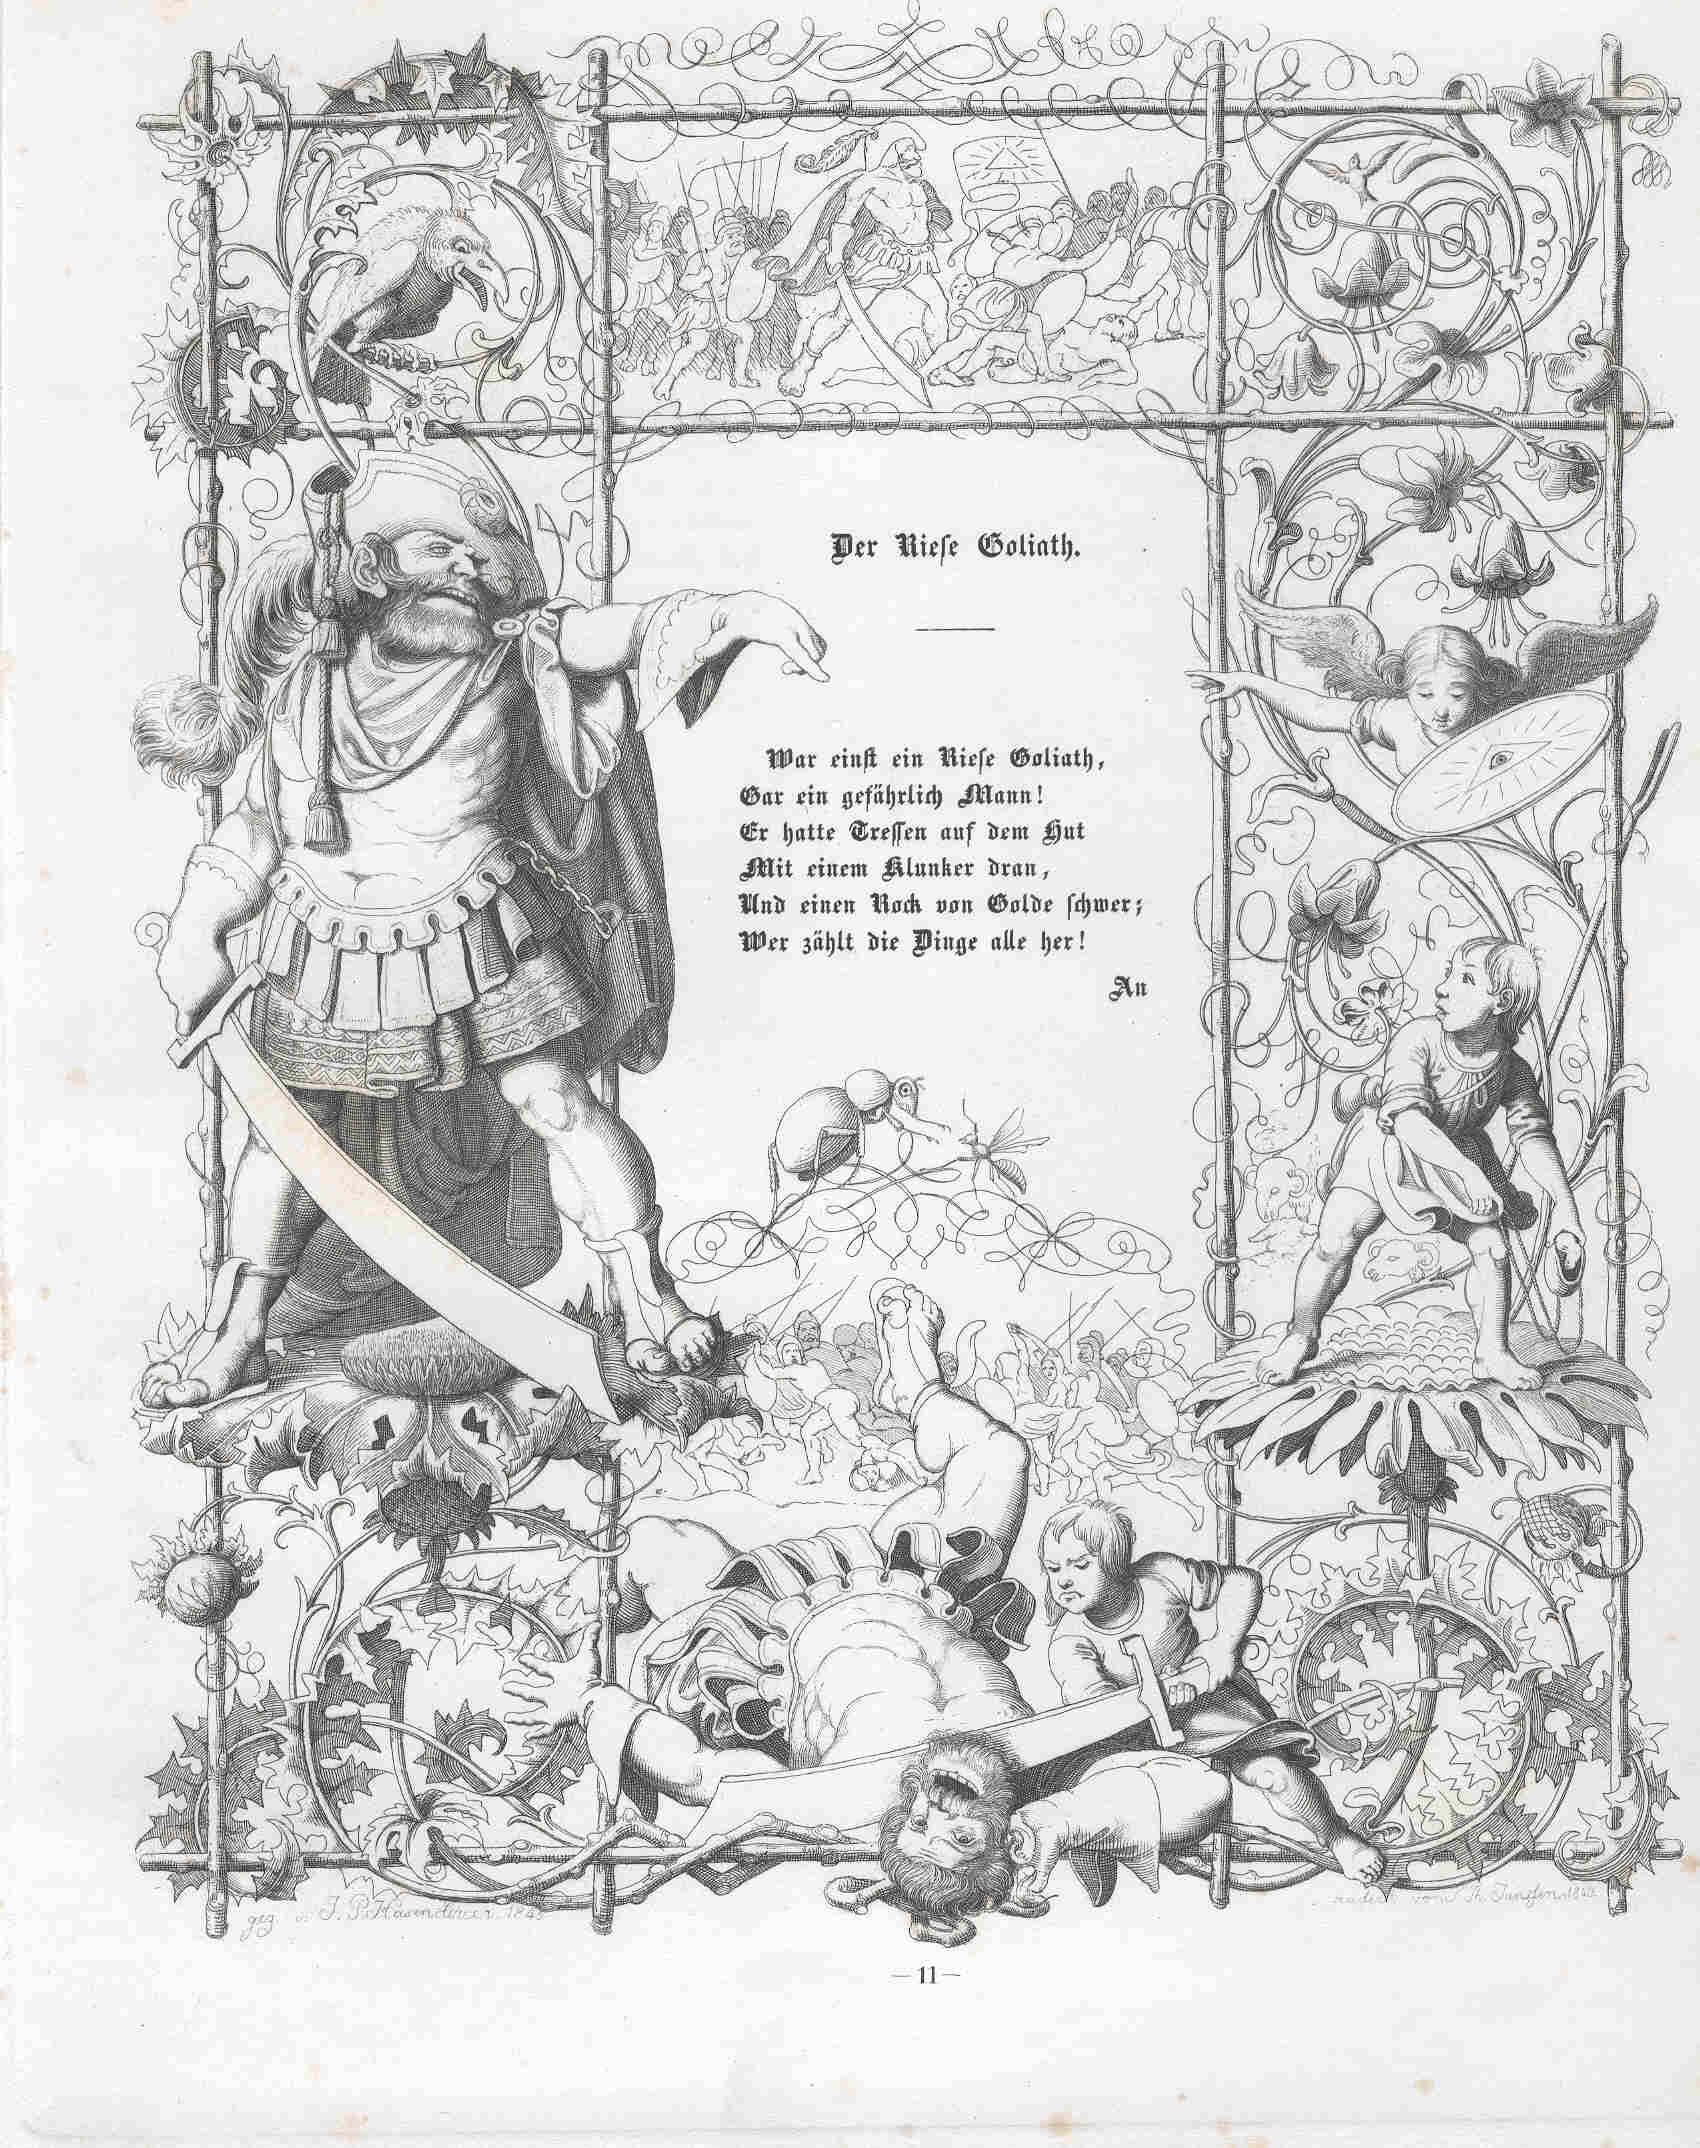 Der Riese Goliath - nach Johann Peter Hasenclever! Hier klicken für vergrößerte Ansicht!